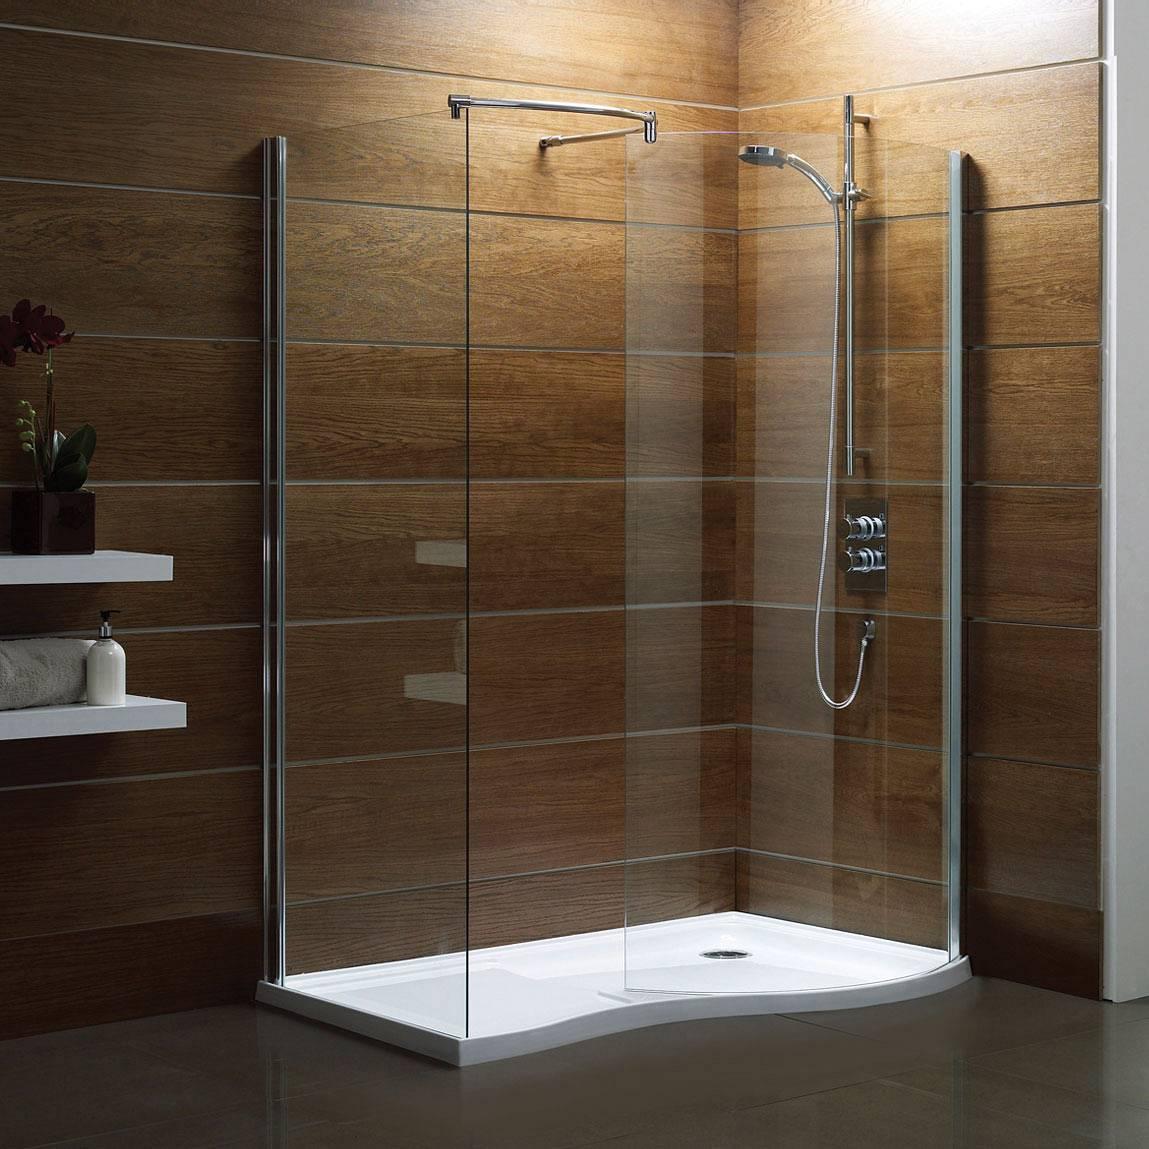 Как сделать ванную комнату без ванны и душевой кабины